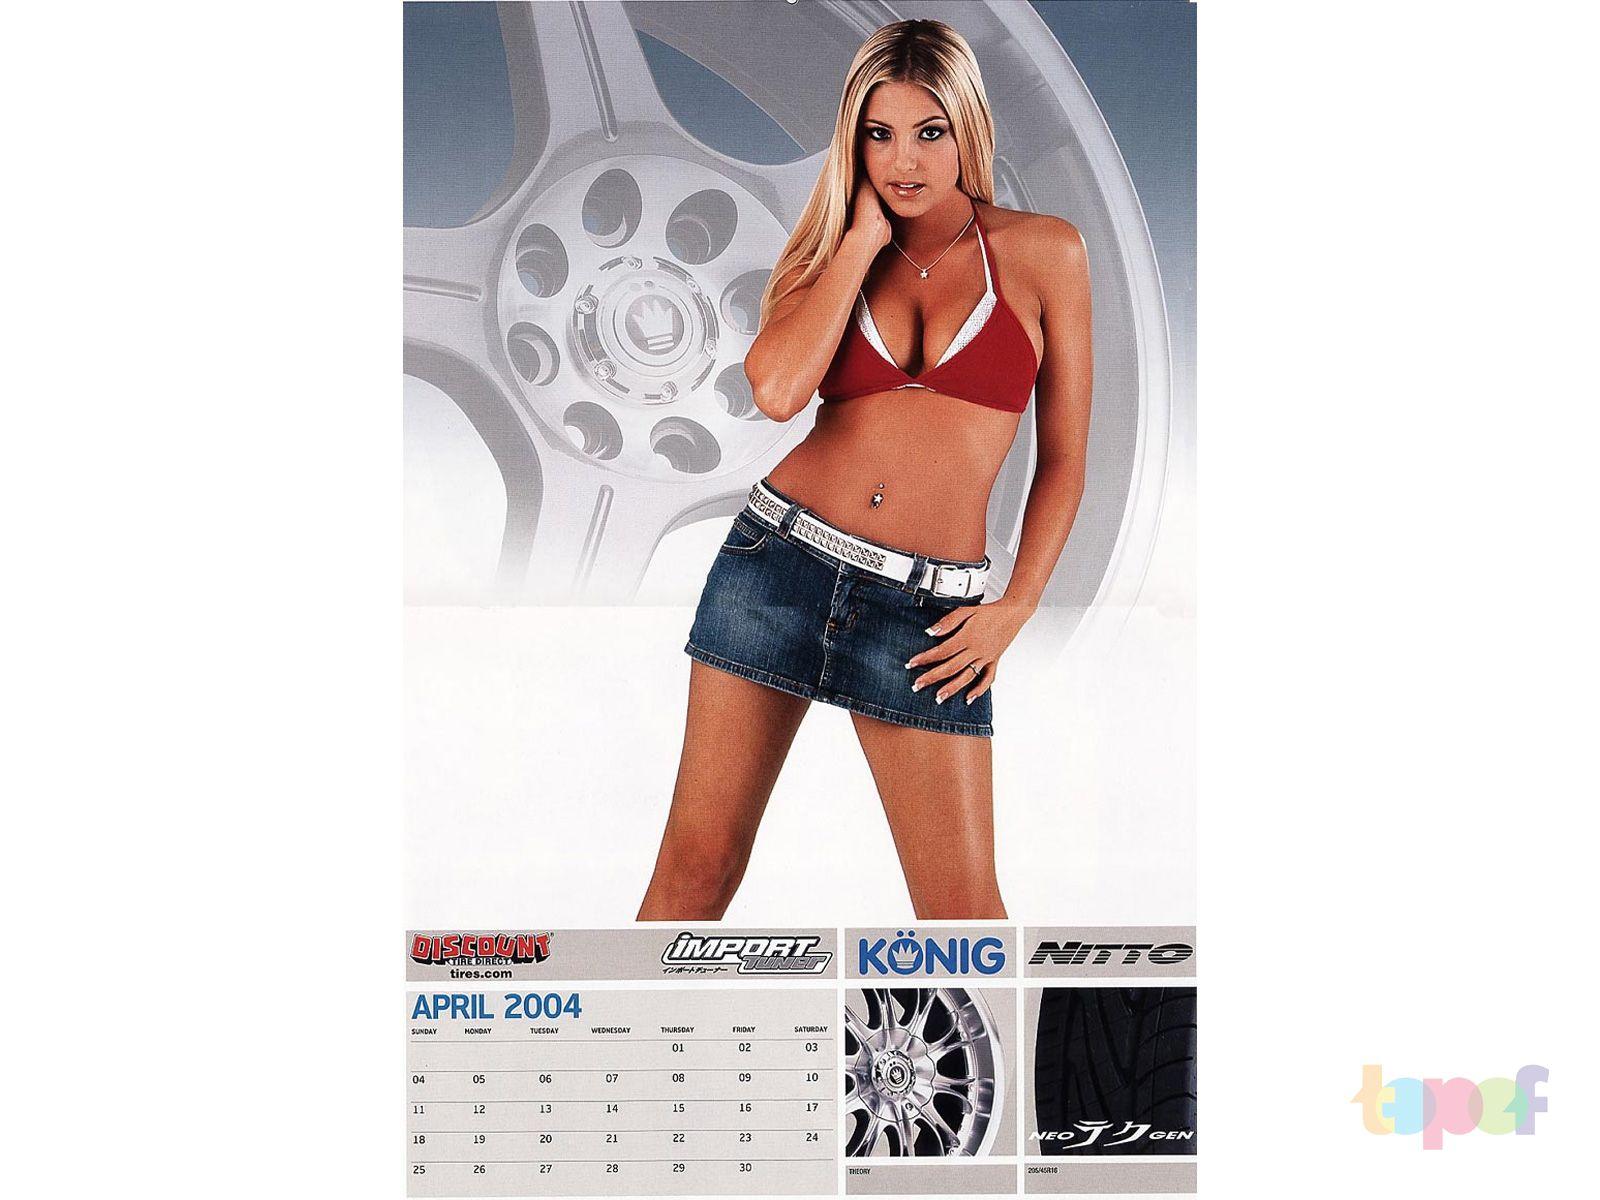 Календари от Konig (Колесные диски). Апрель 2004 года